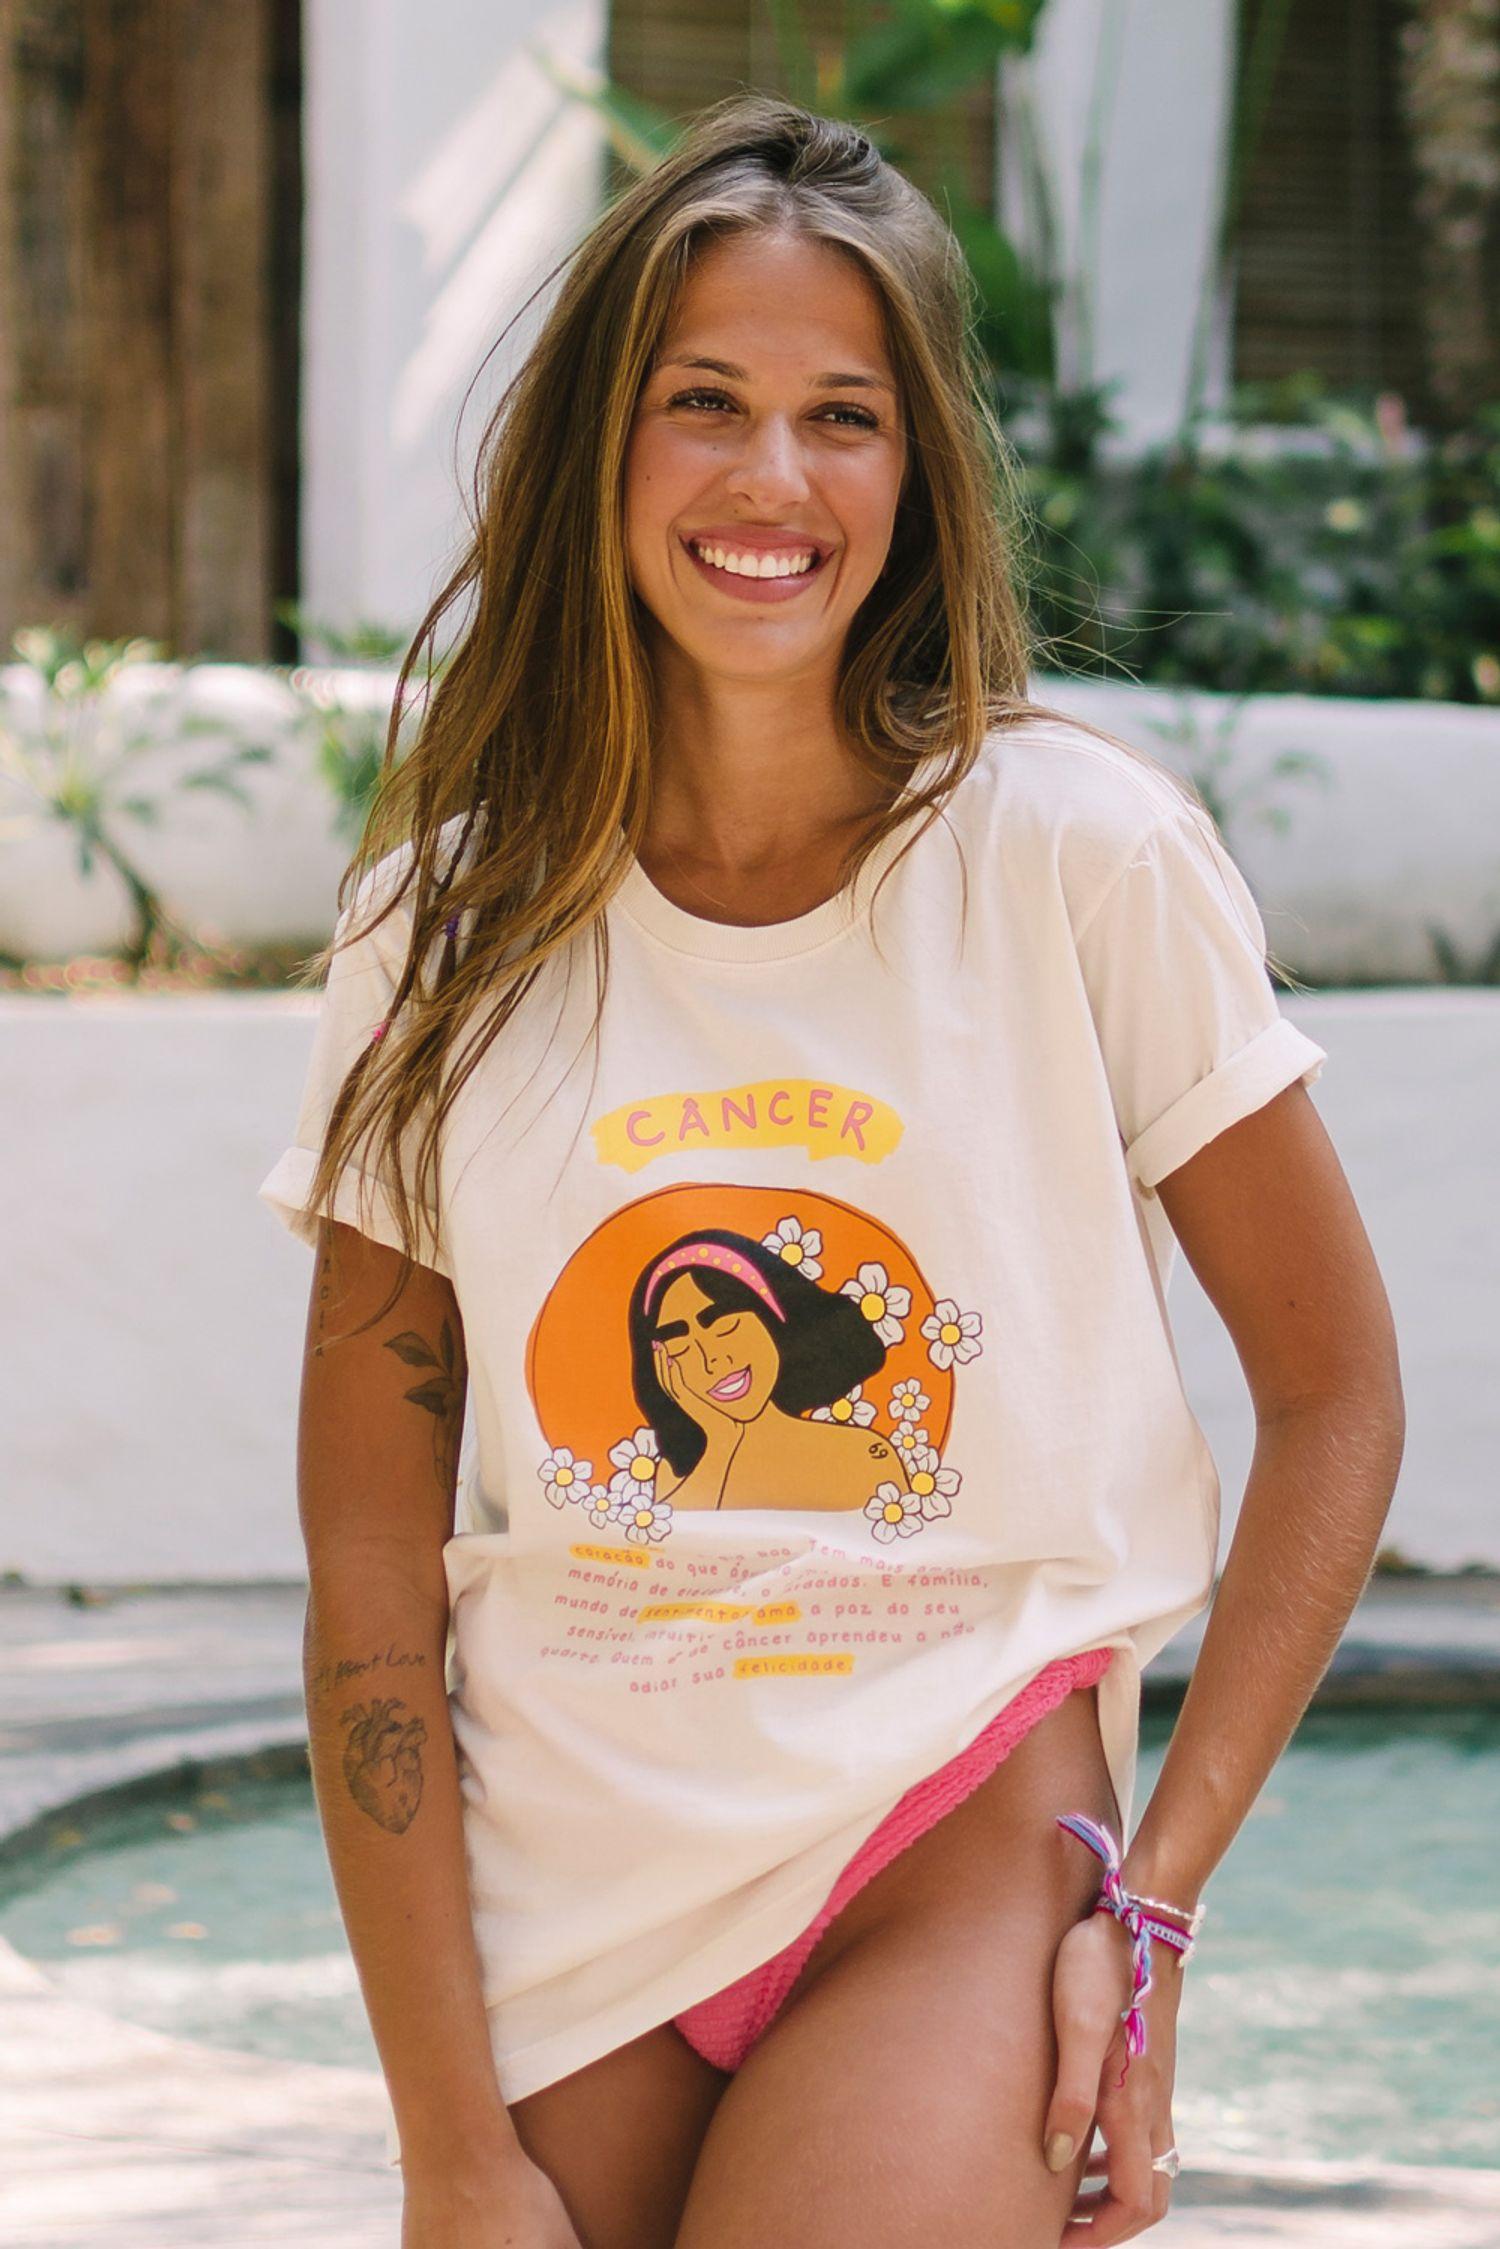 t-shirt-cancer